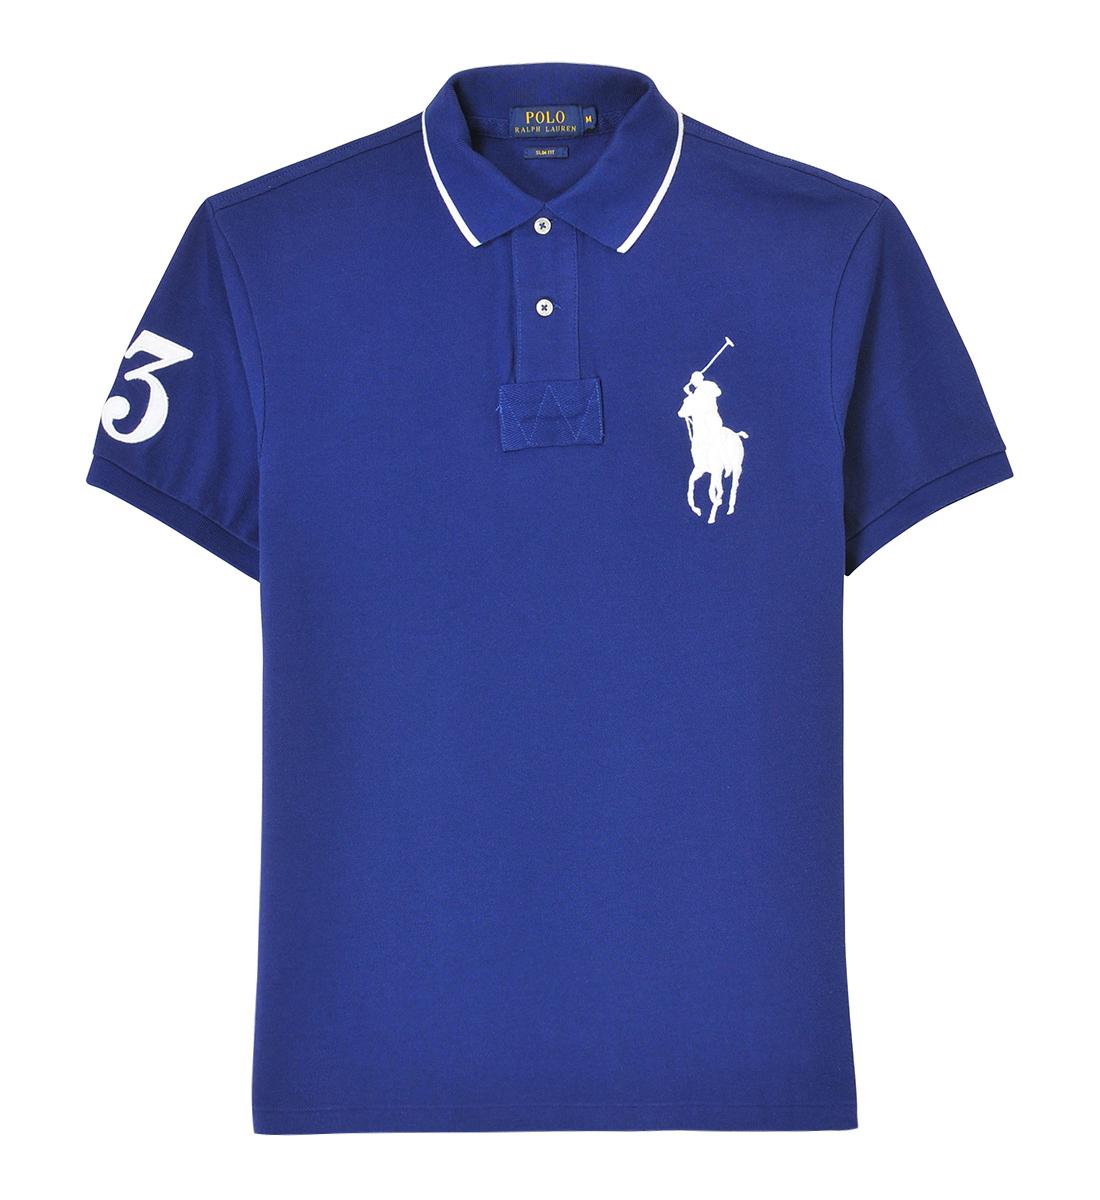 Acheter polo ralph lauren pas cher big pony original pas cher ici en ligne  avec le prix le plus bas possible. Remises spéciales sur les nouvelles  offres ... cef8ee29de91